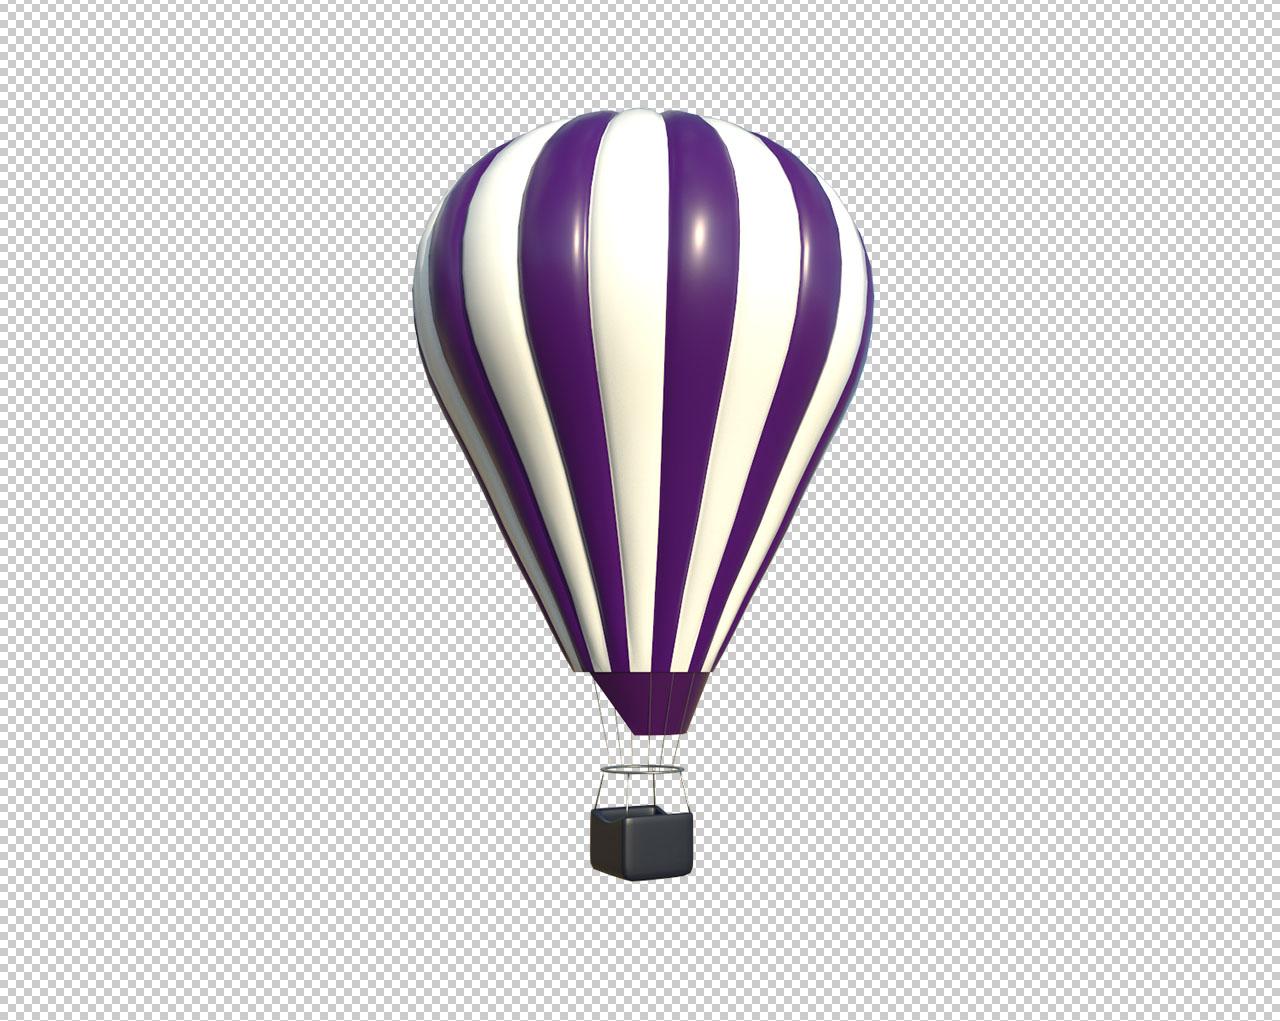 Free Hot Air Balloons